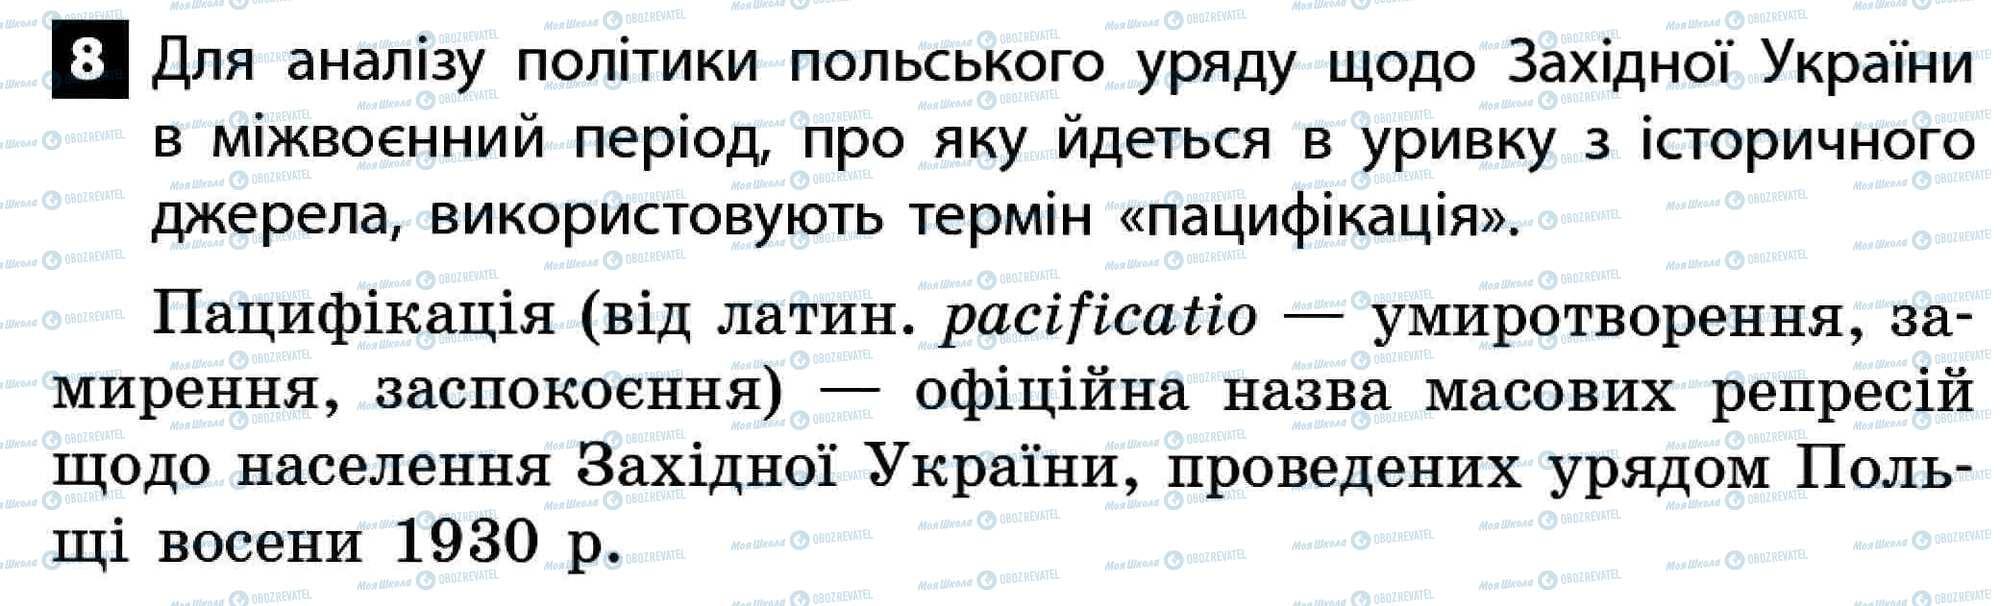 ДПА История Украины 11 класс страница 8